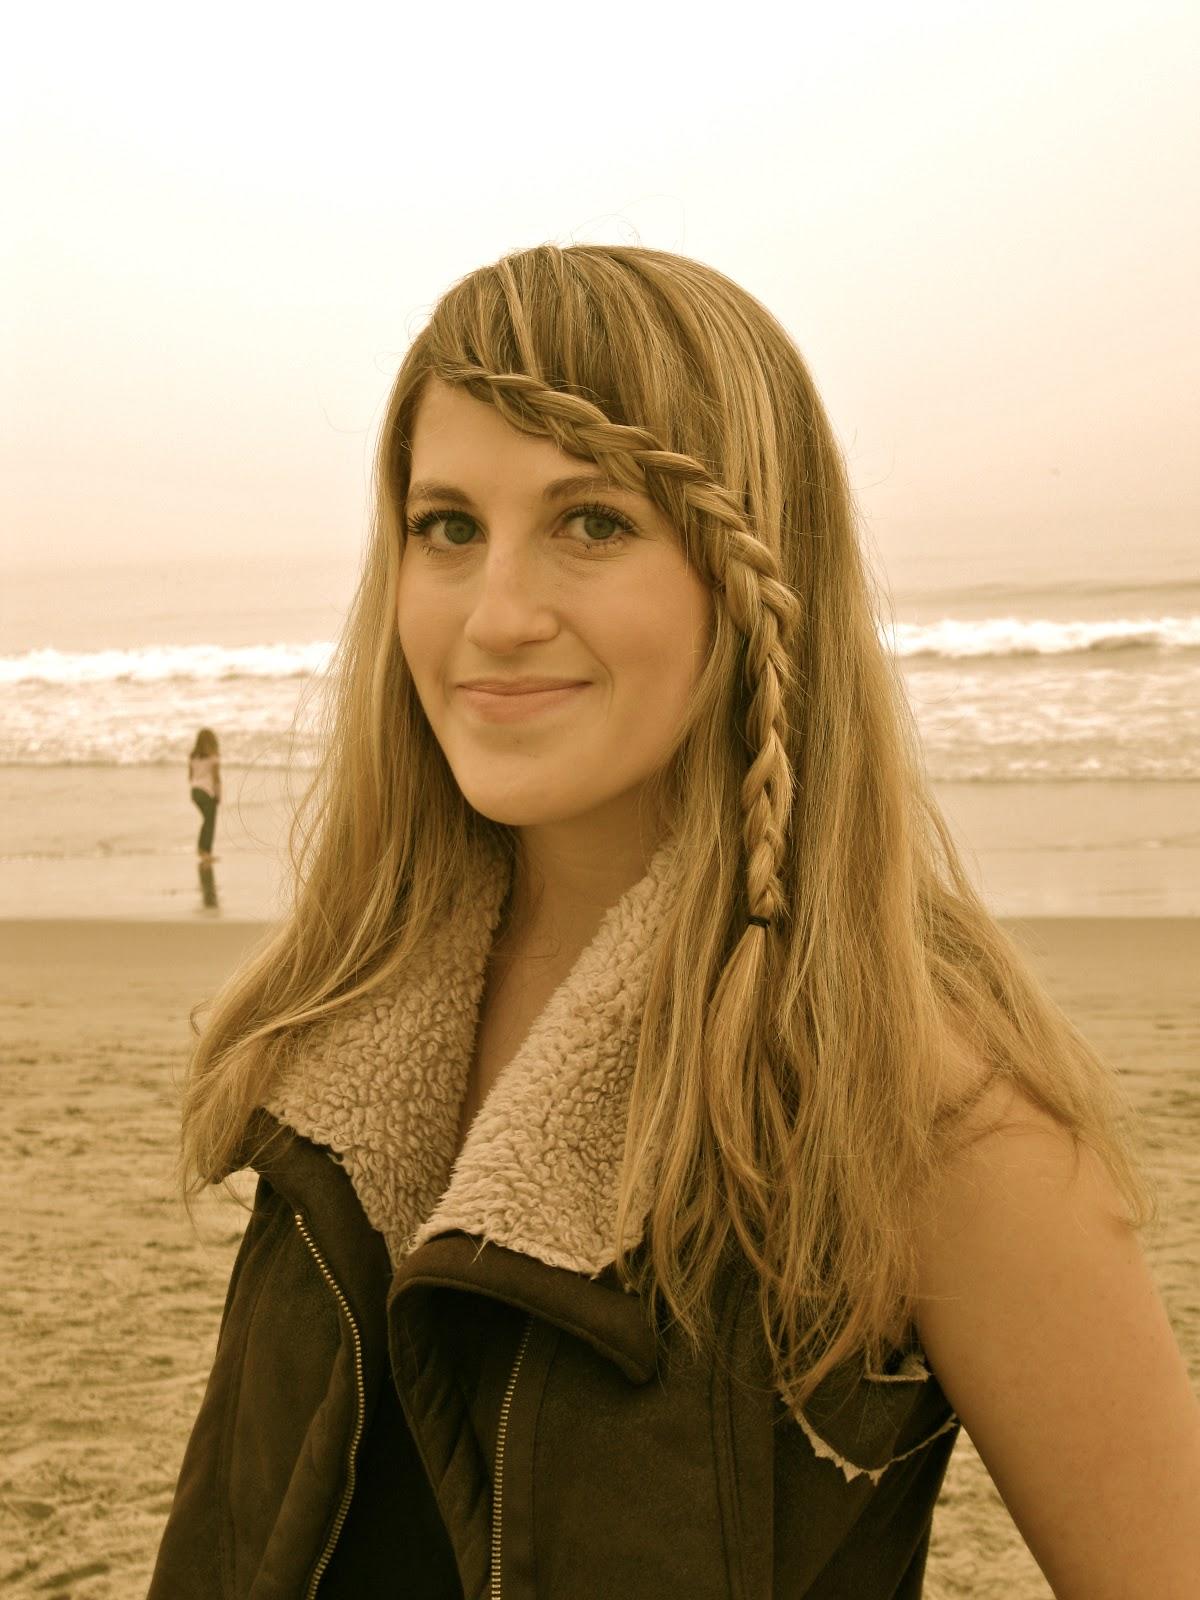 hippie braided bangs-hair tutorial